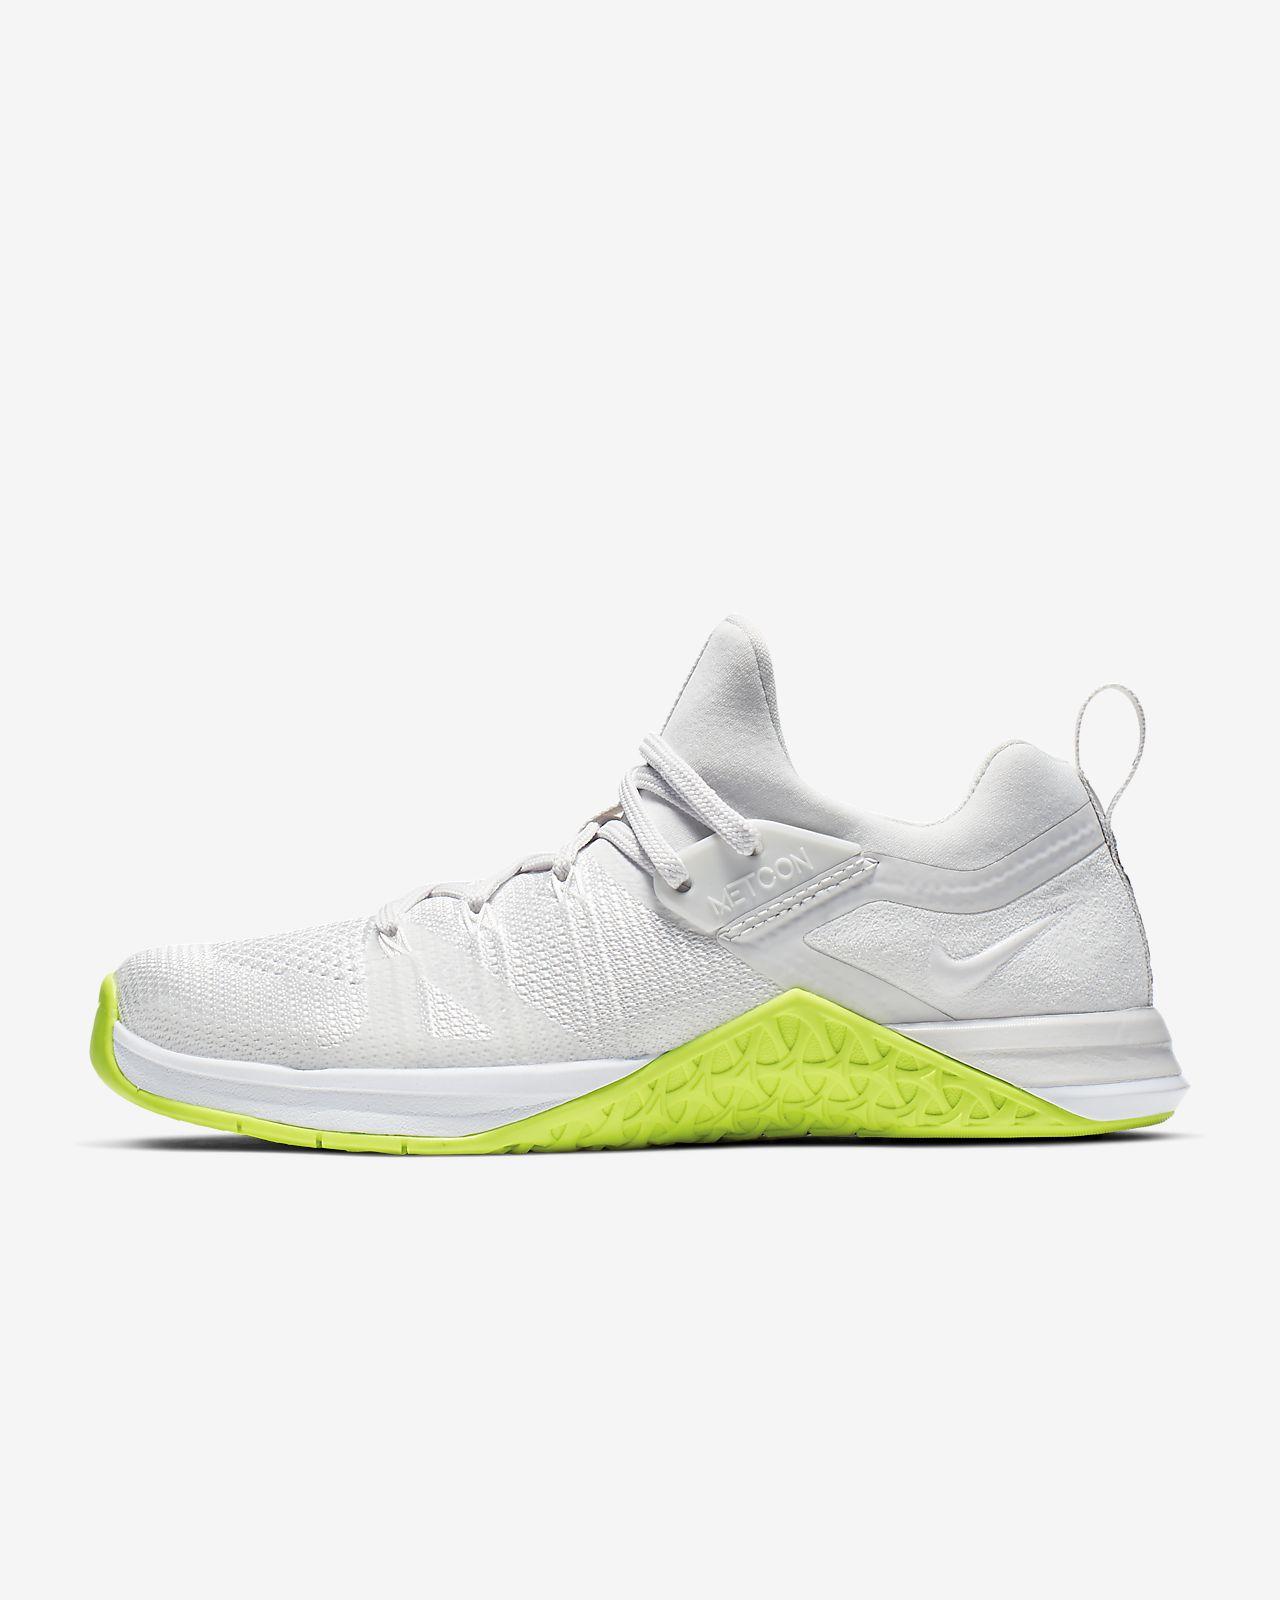 Dámská bota Nike Metcon Flyknit 3 na cross trénink a vzpírání